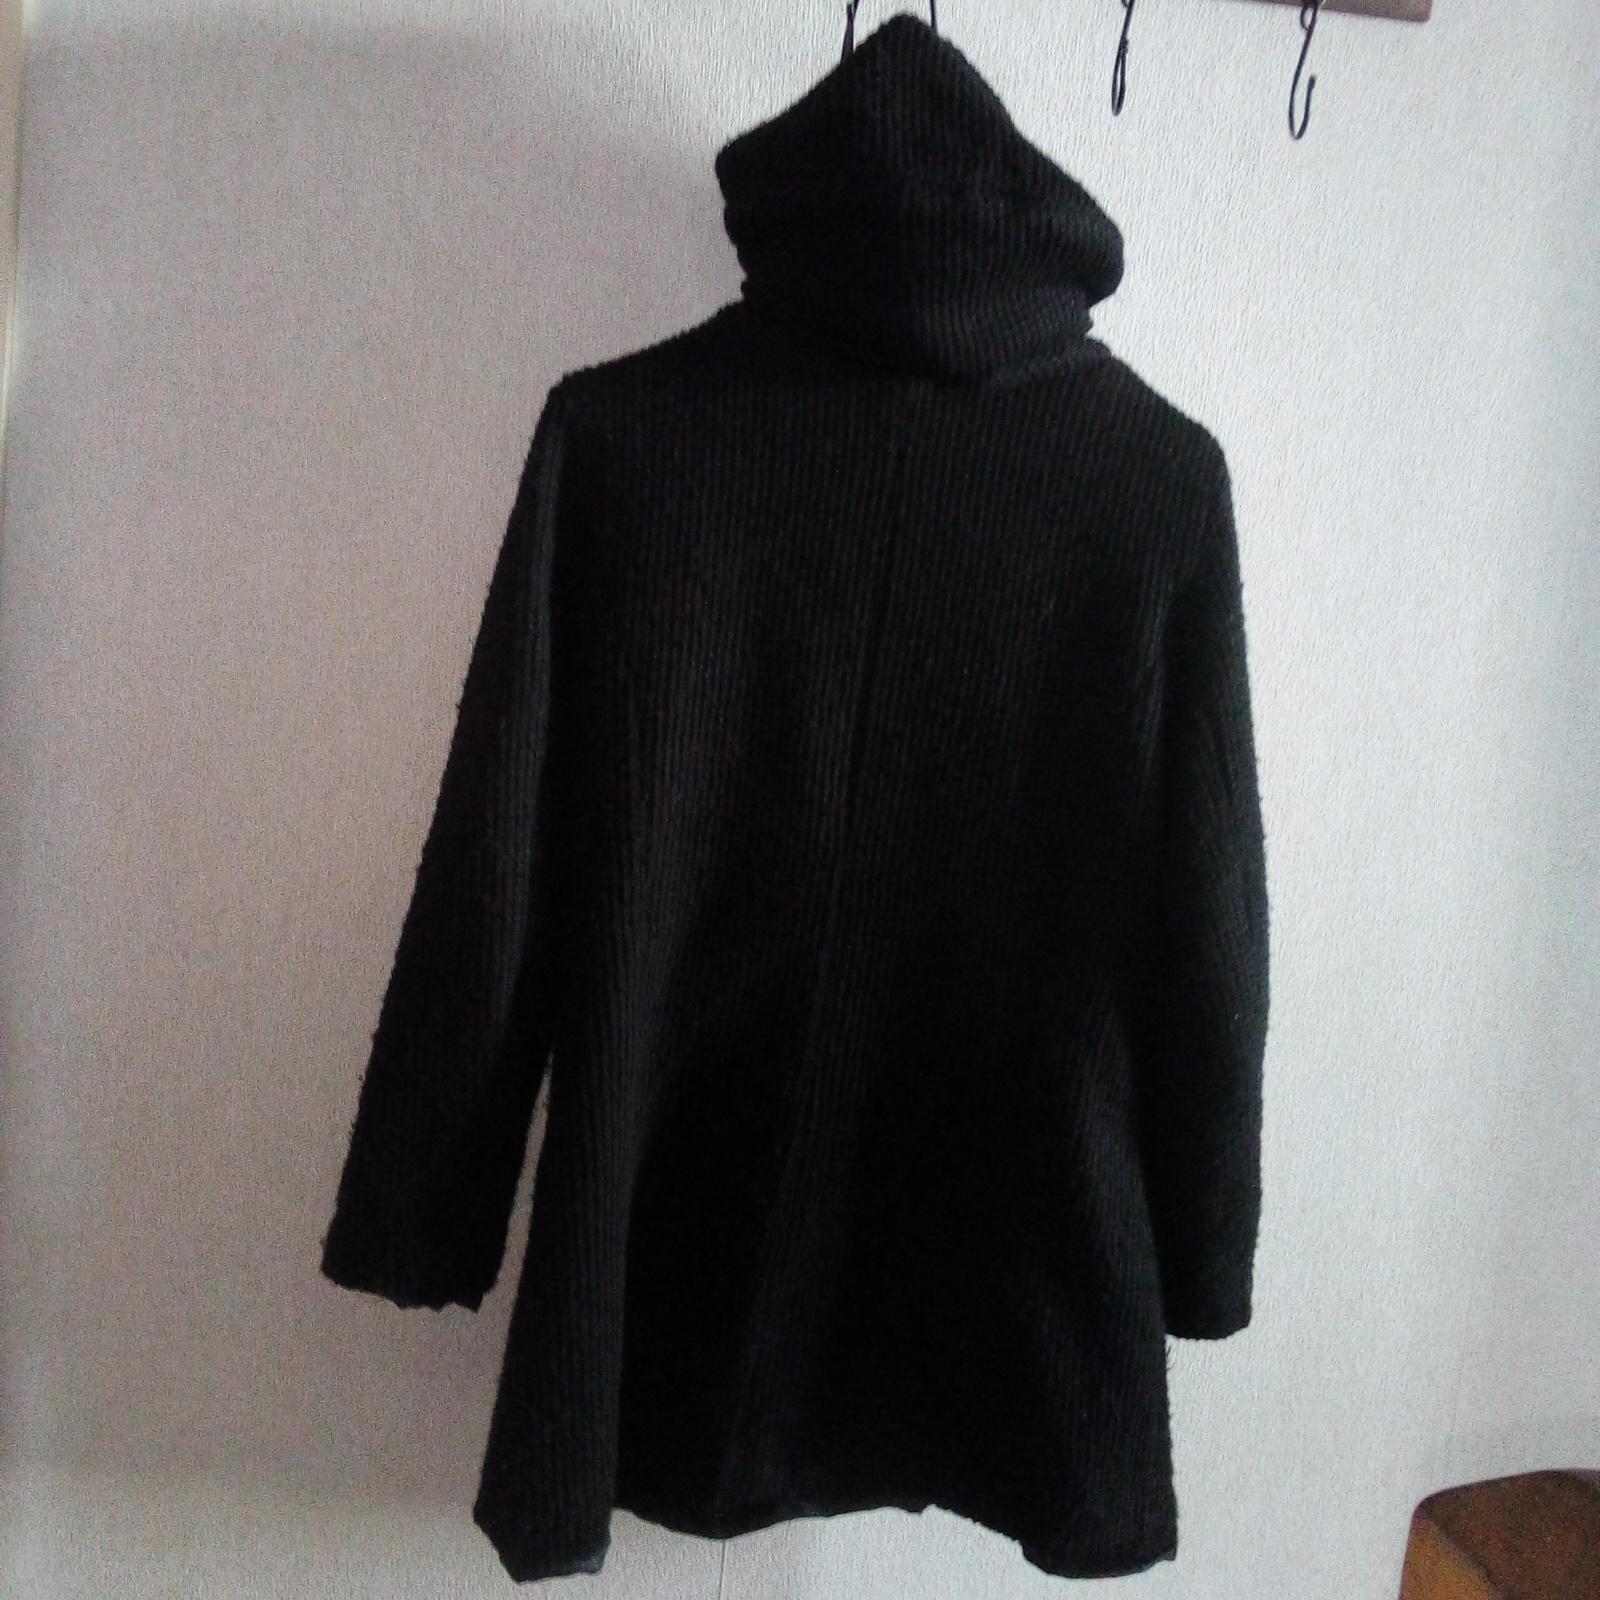 troc de troc manteau s image 1